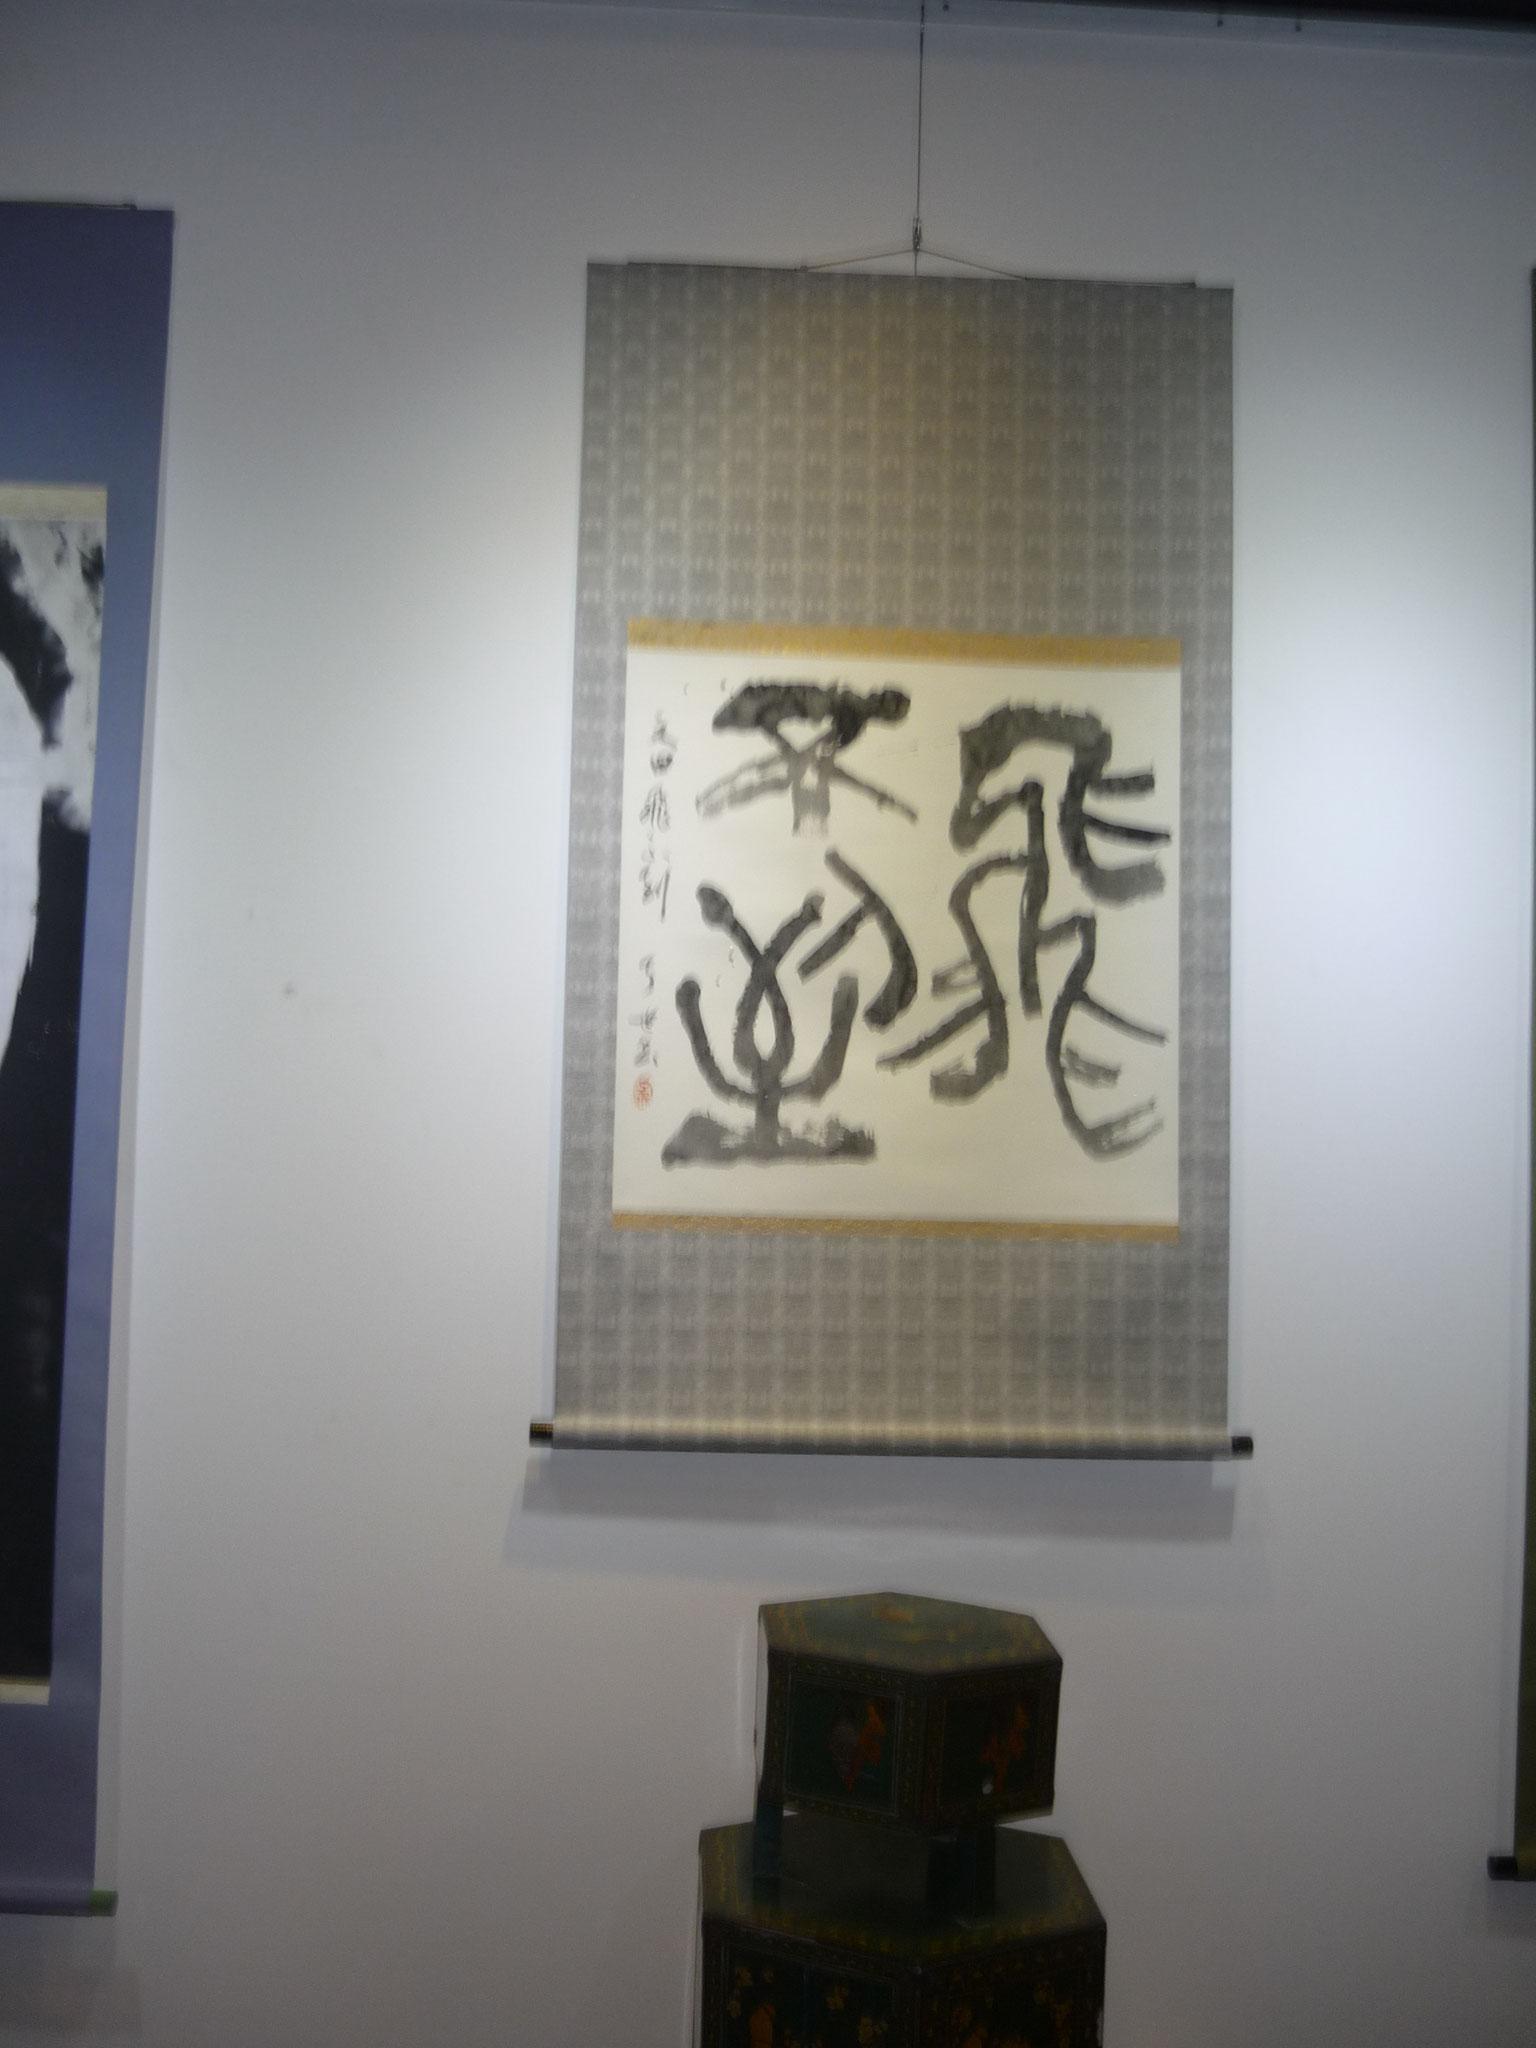 京都市と西安市の書家による書画展 2014/11/6     於西安培華学院  「飛不至」